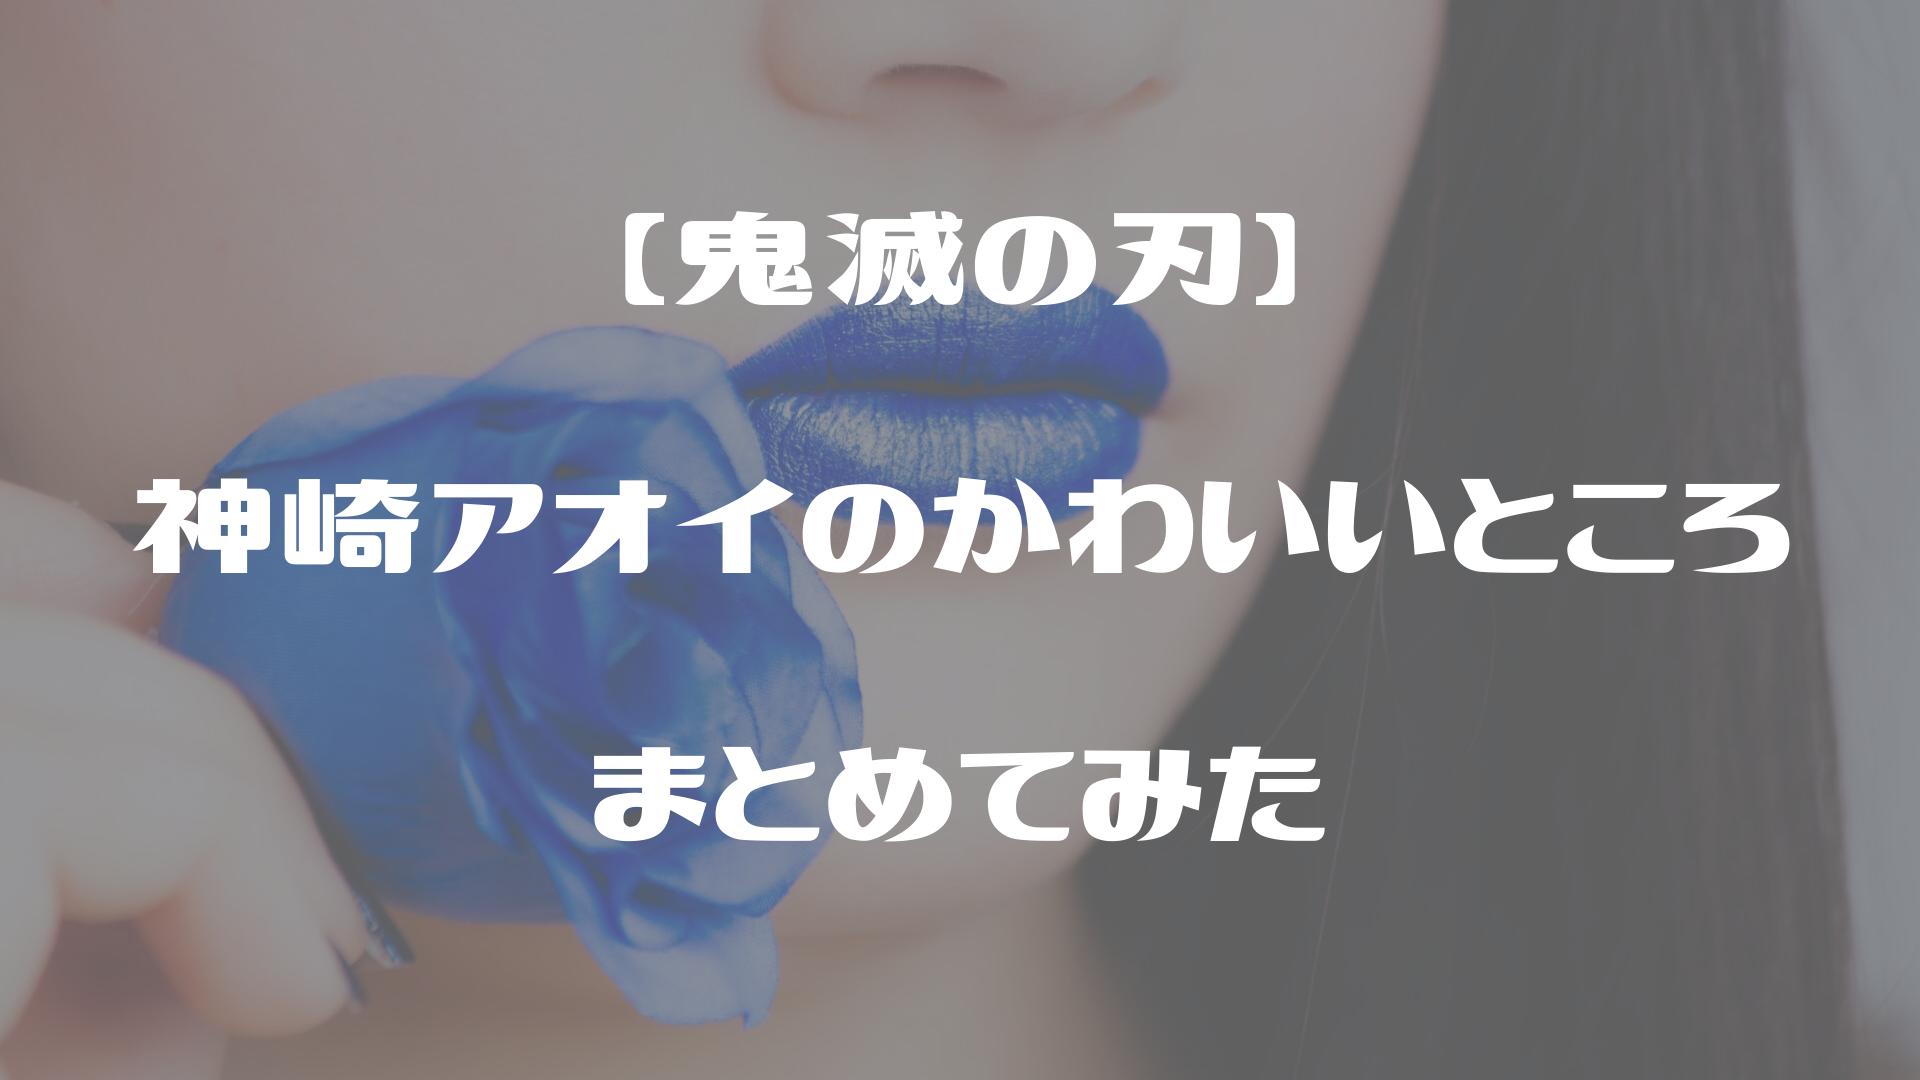 【鬼滅の刃】-神崎アオイのかわいいところ-まとめてみたアイキャッチ画像